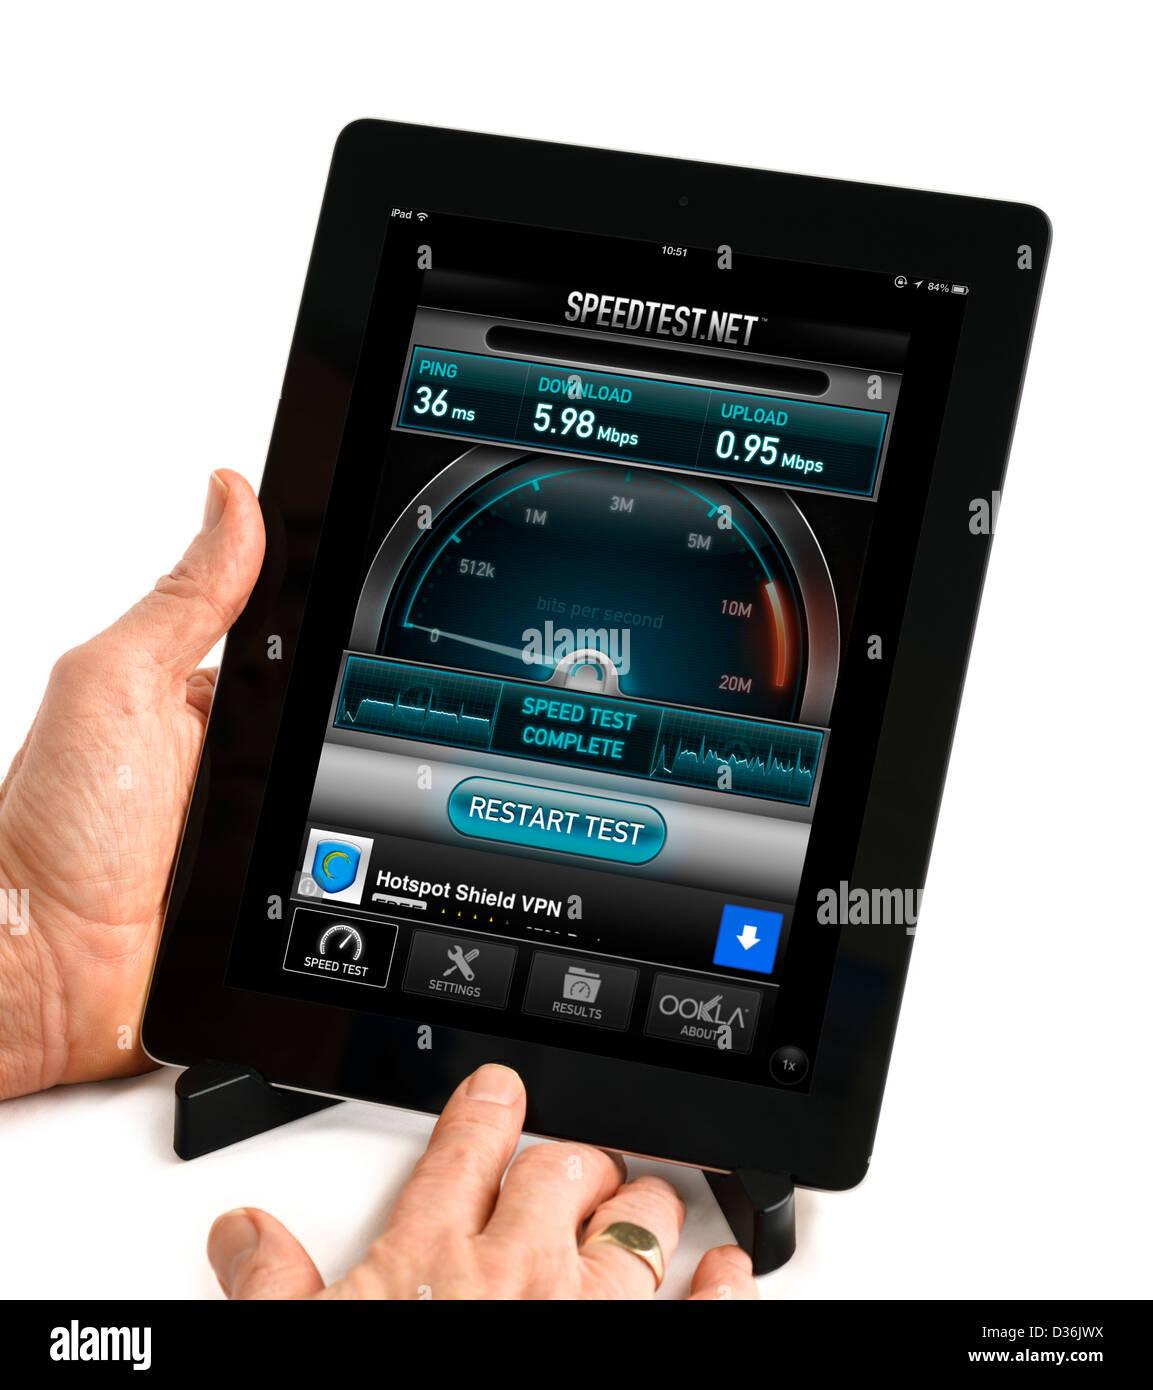 Utilizzando la banda larga Speedtest.net test di velocità app su una quarta generazione di Apple iPad Immagini Stock